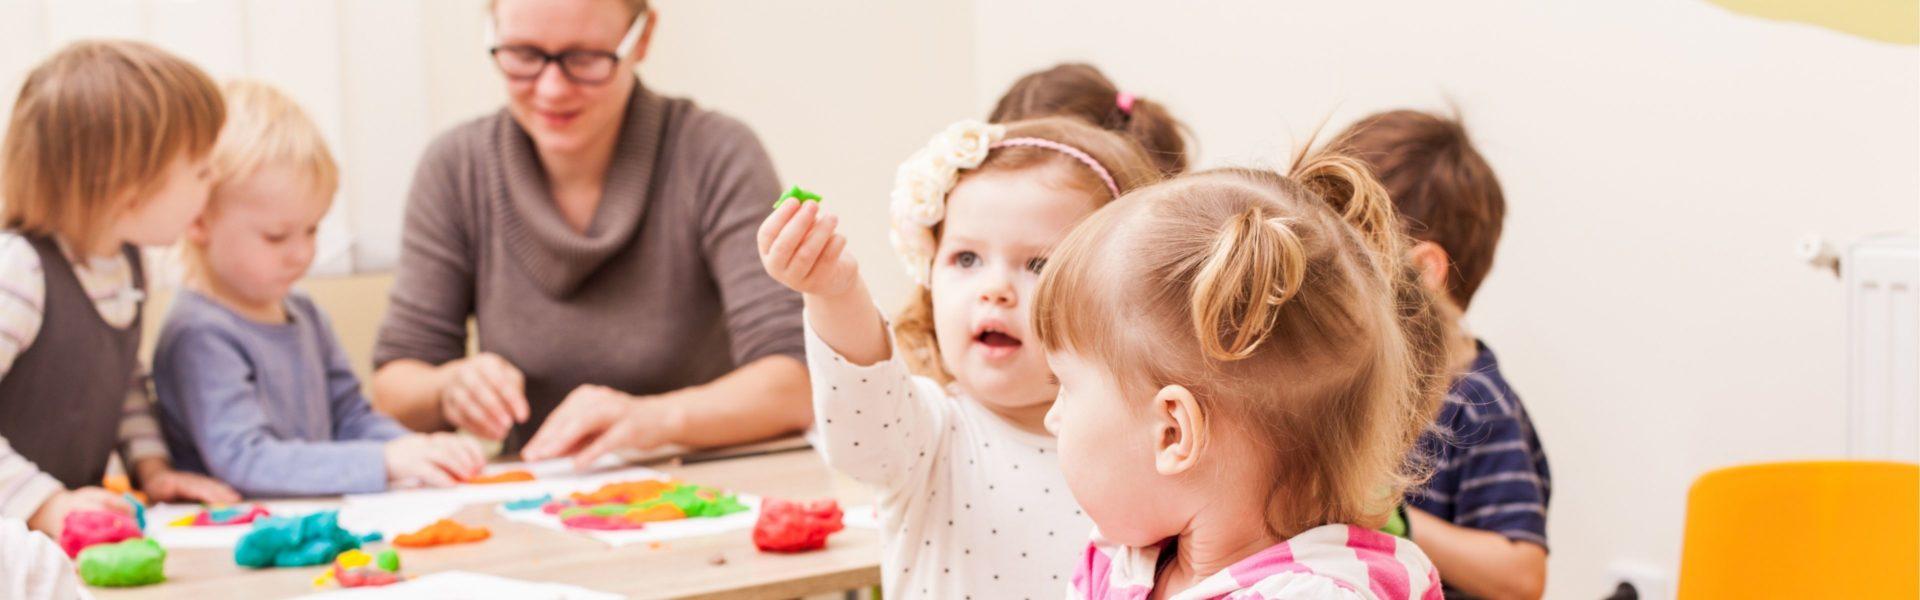 Neue Fördermittel für betriebliche Kinderbetreuungsangebote